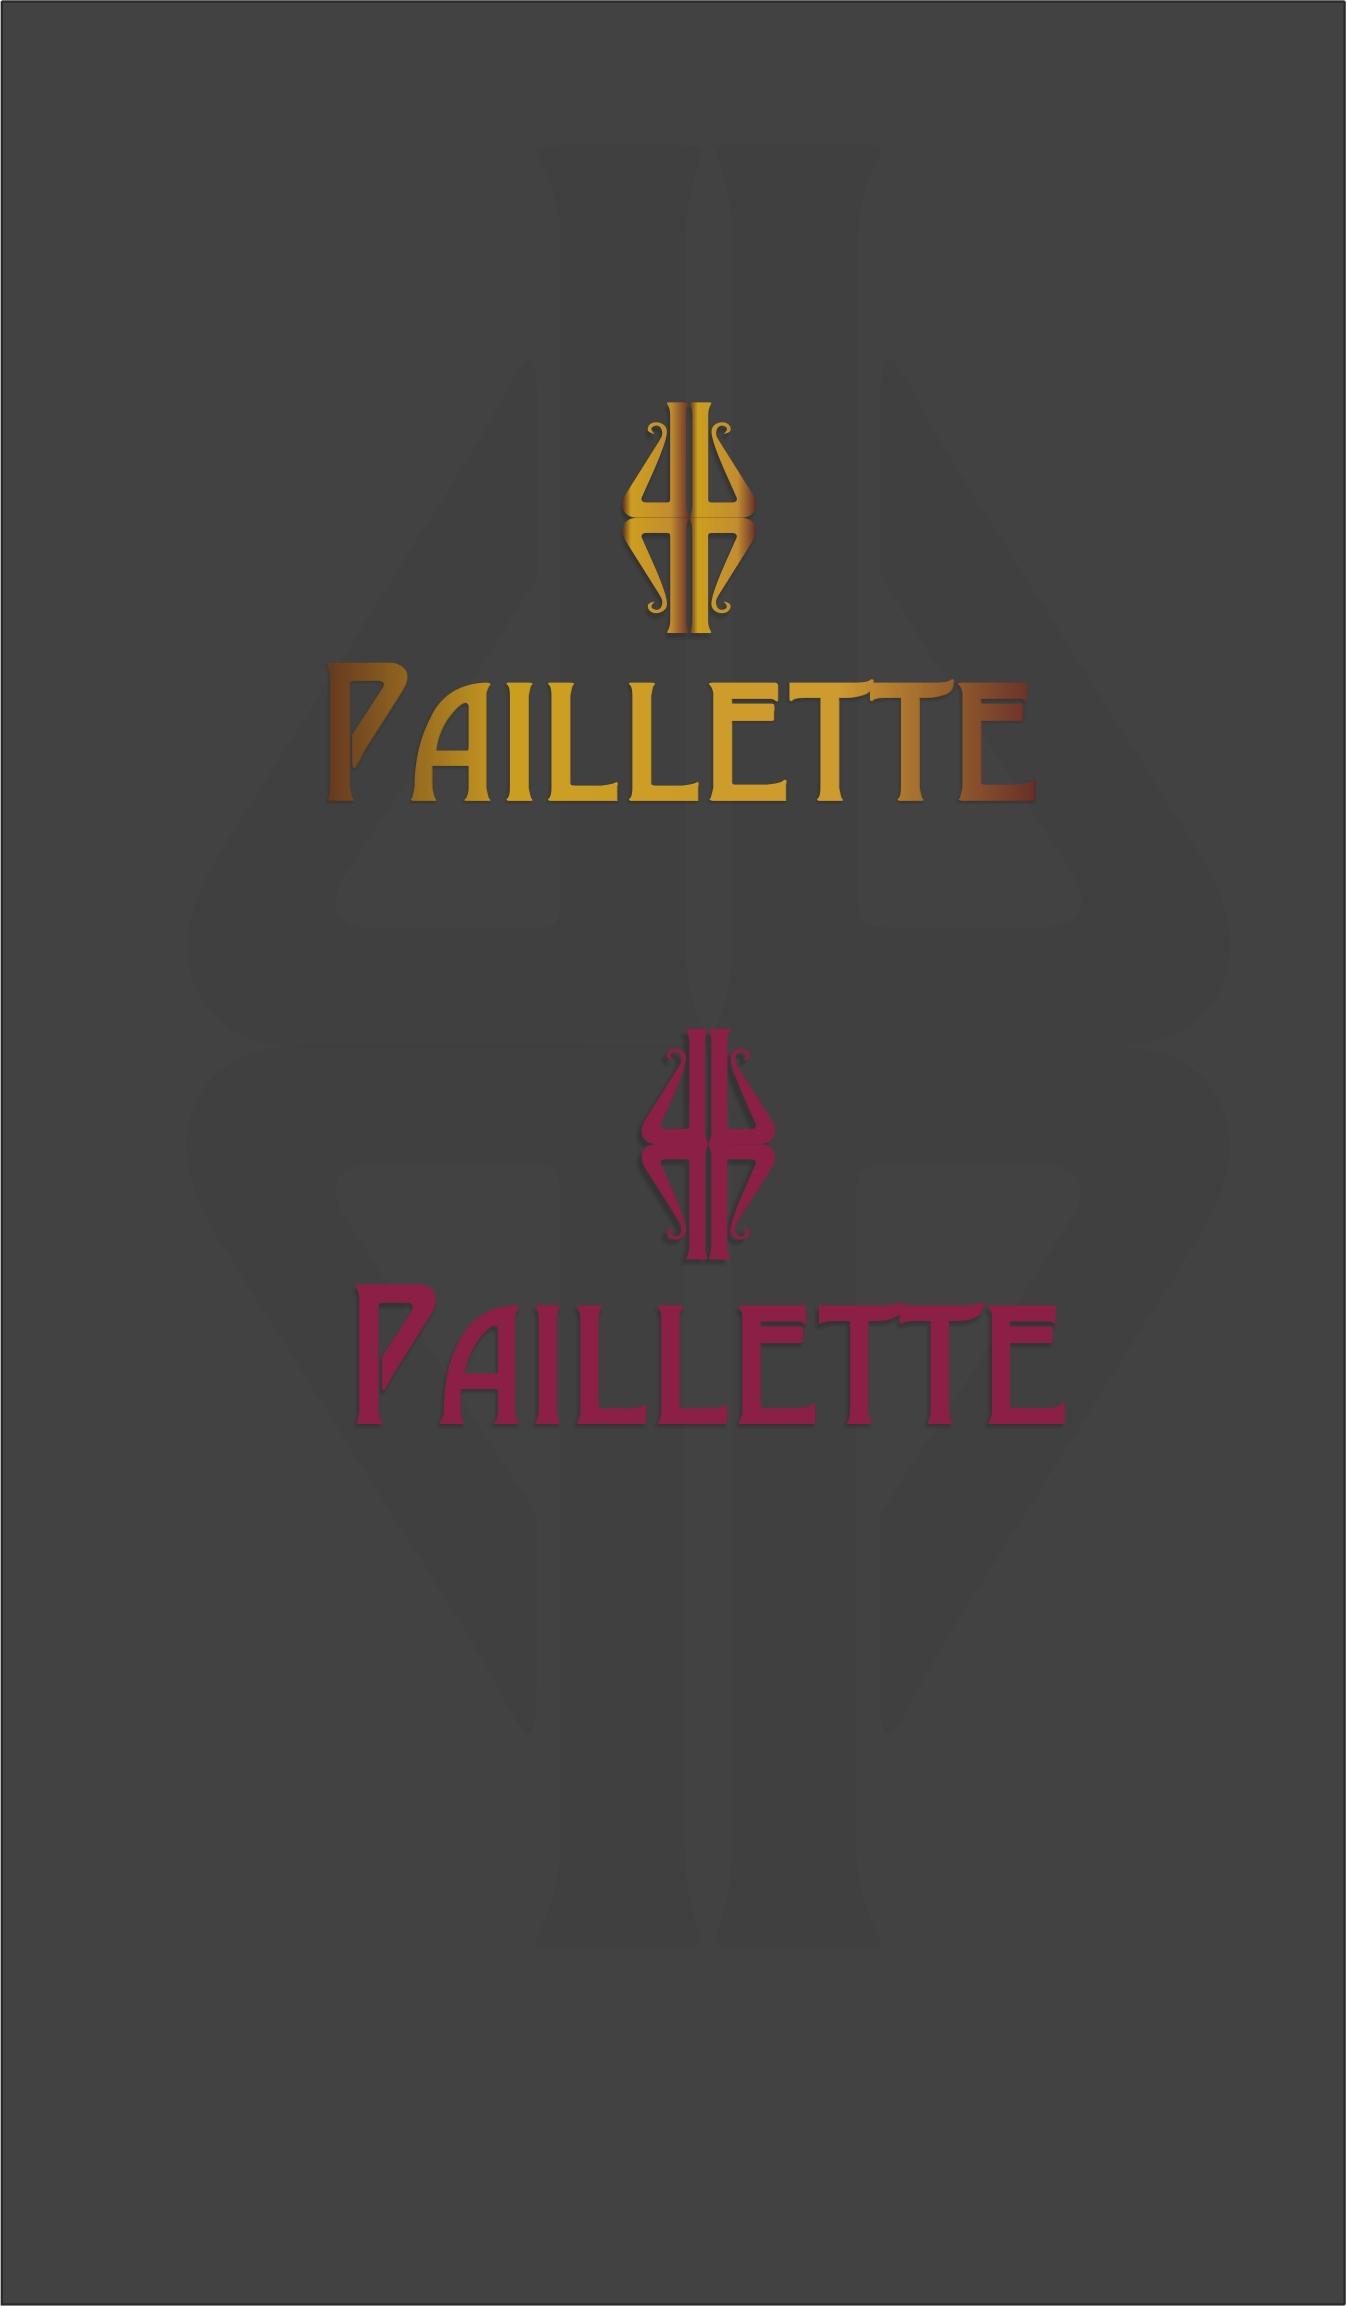 Разработка Логотипа. фото f_219515c8f584498a.jpg